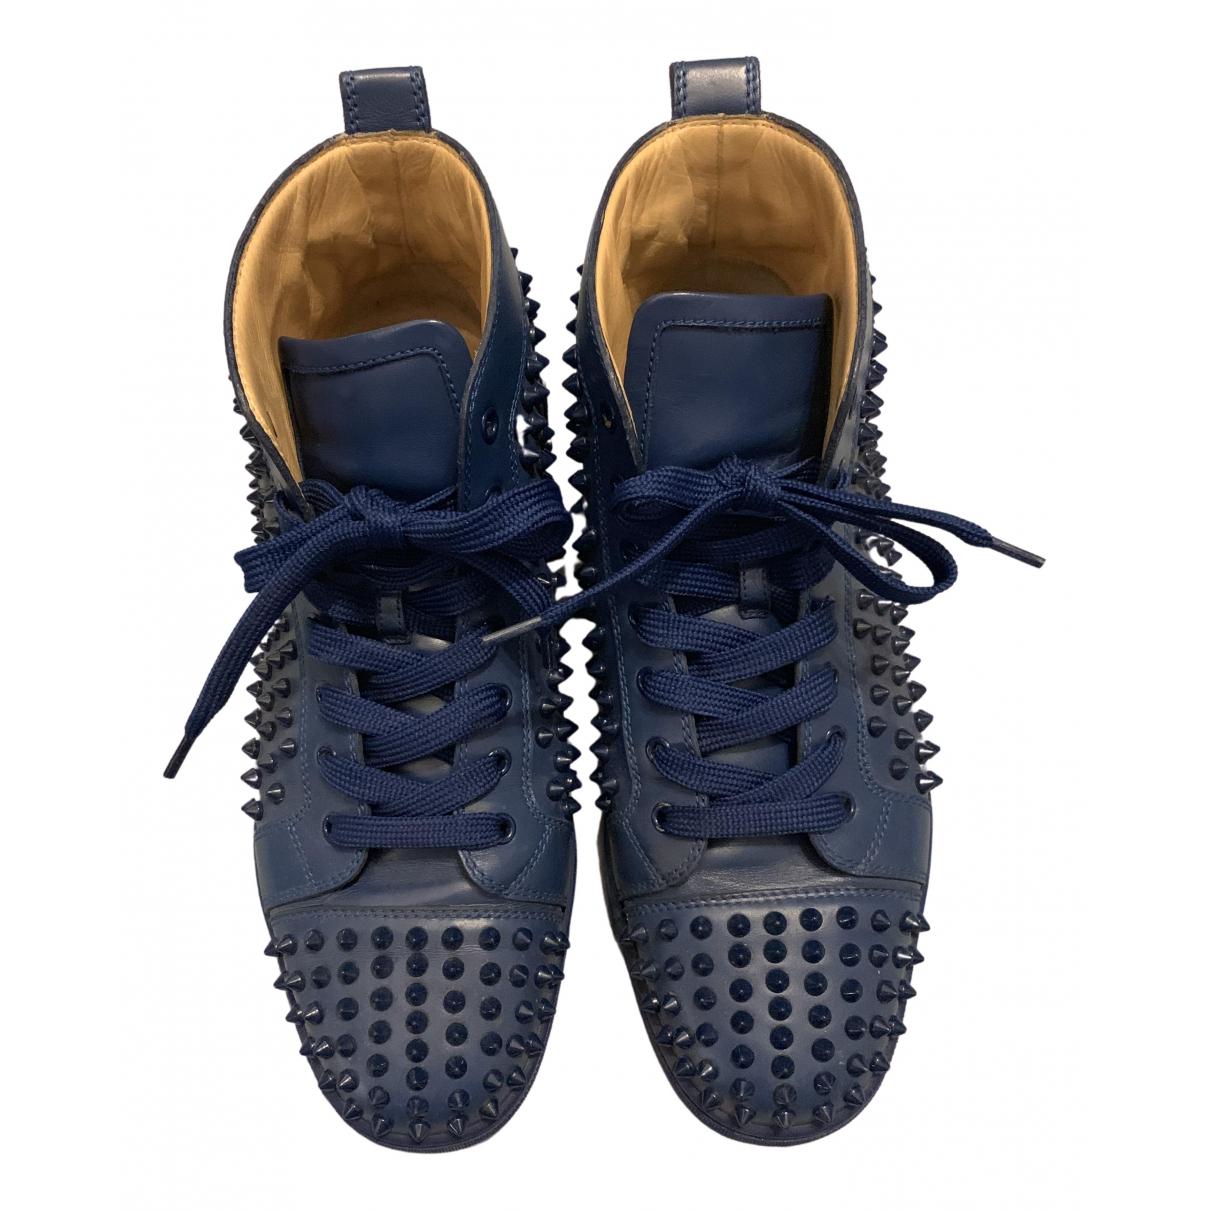 Christian Louboutin - Baskets Louis pour homme en cuir - bleu